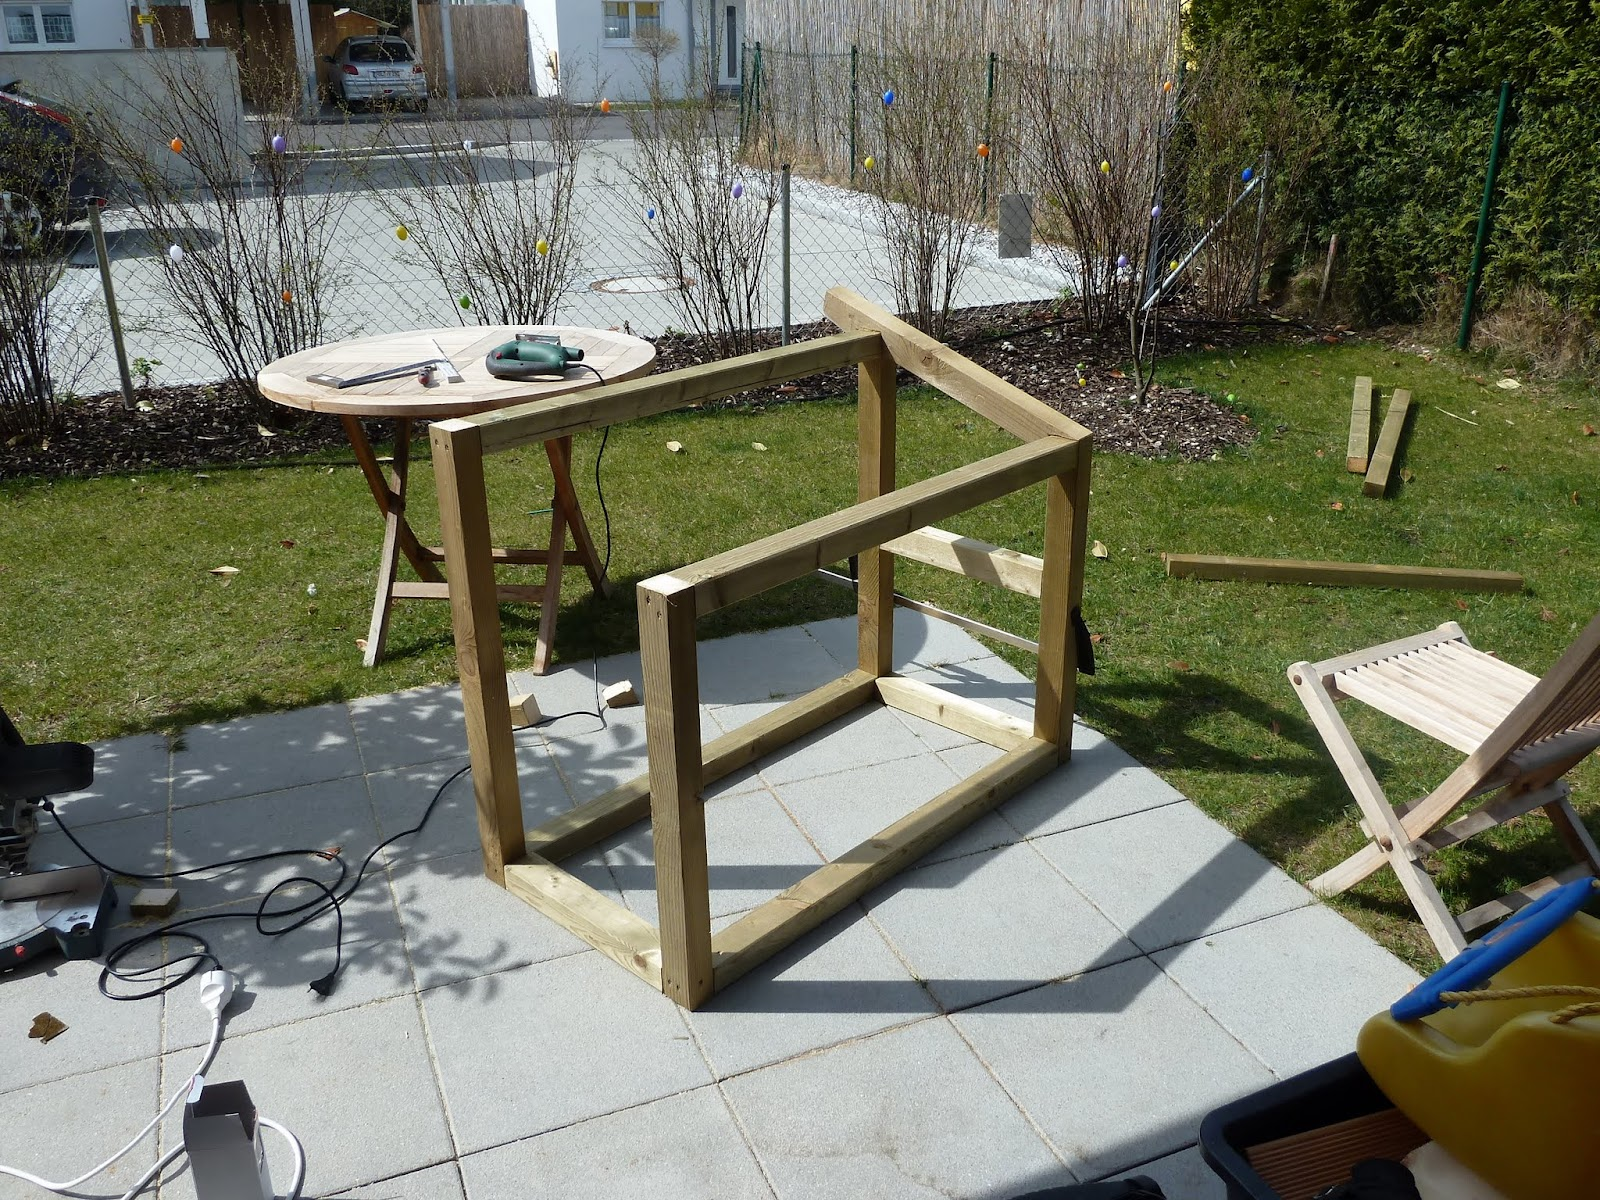 hobbywerker: die grillstation, Garten und erstellen